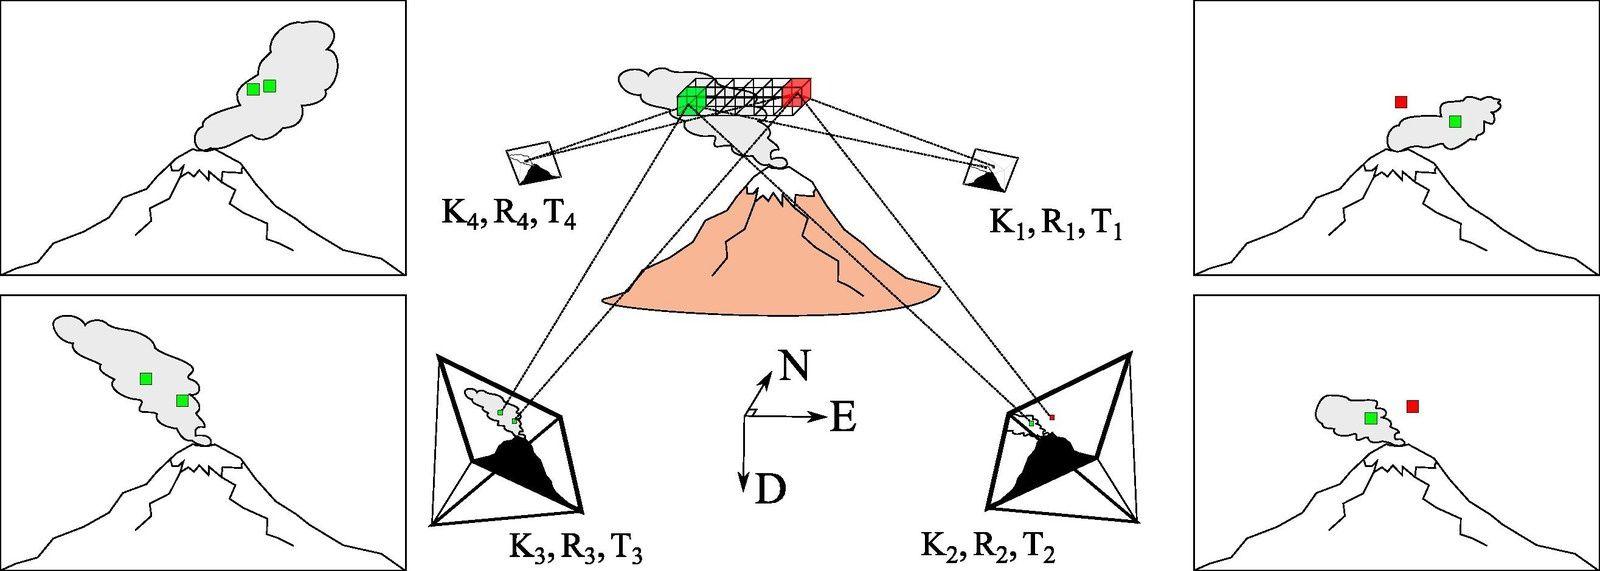 Fuego - Un diagramme représentant la méthode de découpe de l'espace. Une région d'espace 3D (voxel) est projetée dans les plans d'image 2D (pixels) des caméras entourant le panache. Si l'emplacement du pixel est dans le panache pour toutes les caméras, le voxel est conservé (vert). Si l'emplacement du pixel est en dehors du panache pour une ou plusieurs caméras, le voxel est actualisé (rouge). Le processus est systématiquement répété sur un volume de recherche, jusqu'à ce qu'il ne reste que les voxels identifiés comme panache.  - Doc. Measurement of three dimensional volcanic plume properties using multiple ground based infrared cameras - K.Wood & al.